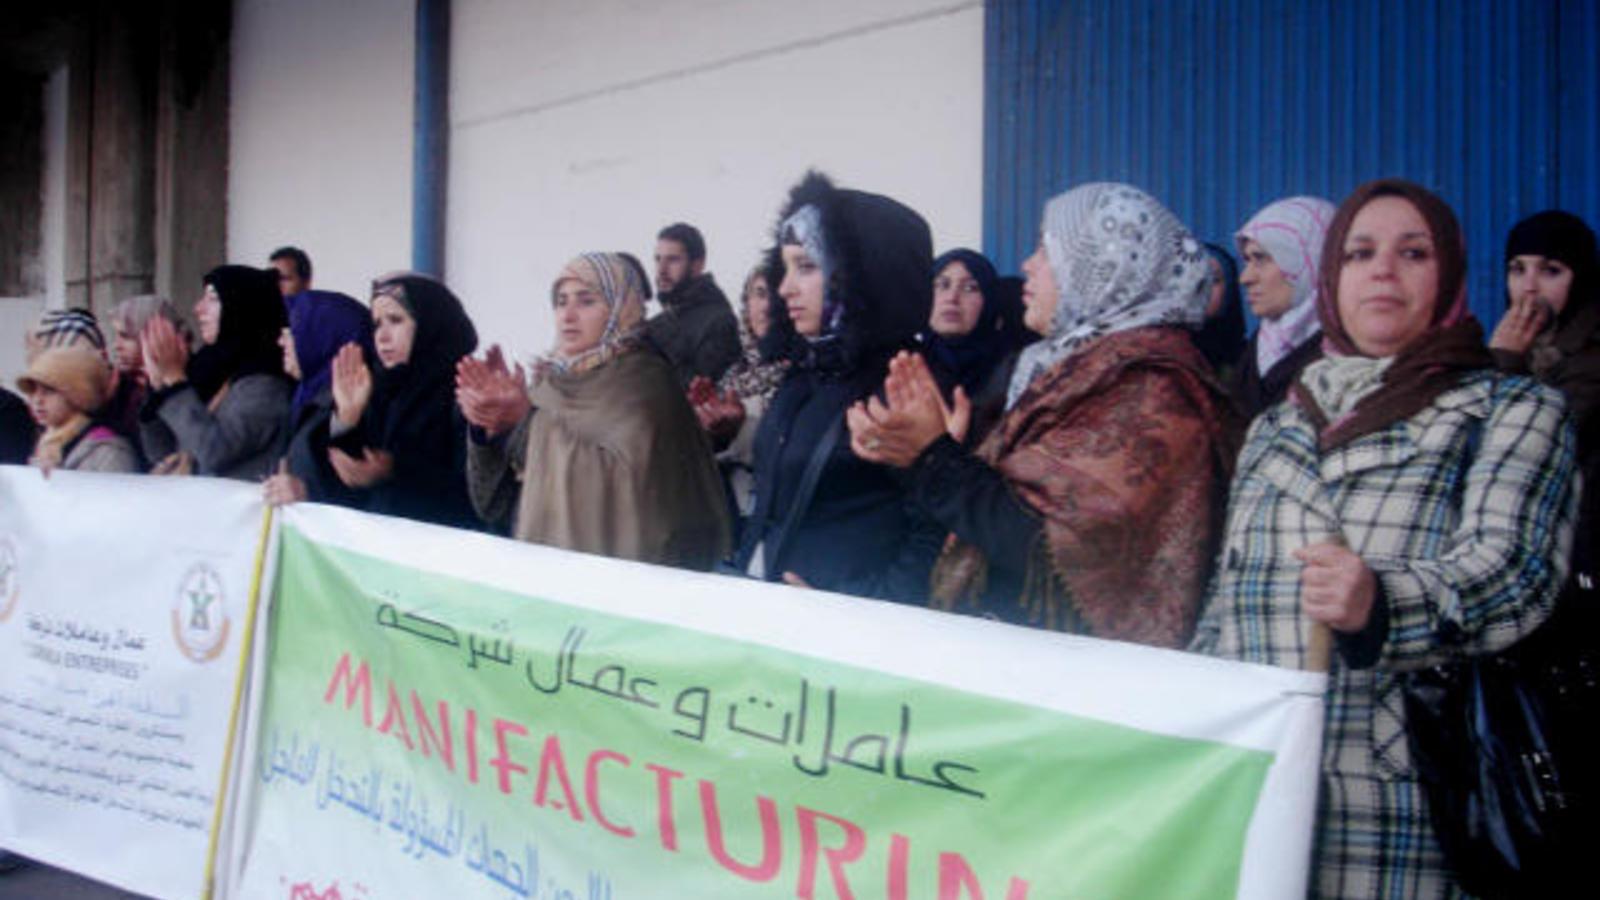 La lucha contra la explotación laboral en la industria textil en Tánger (Marruecos)